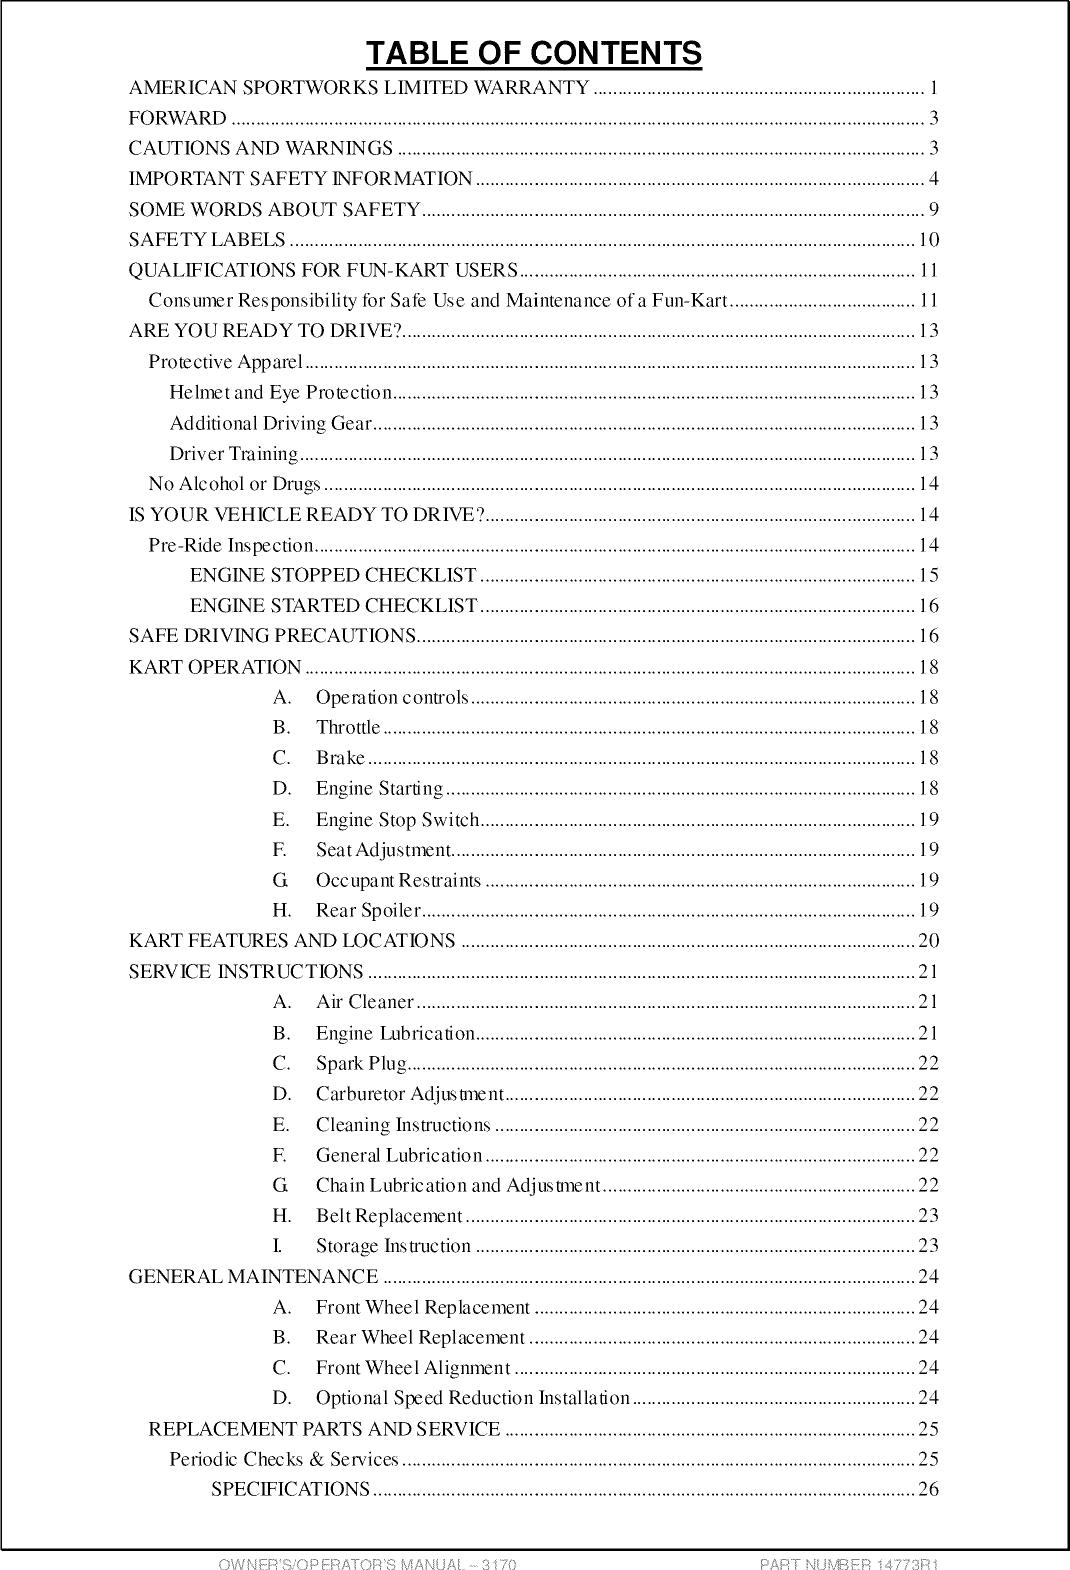 American Sportswork 3170 User Manual FUN KART Manuals And